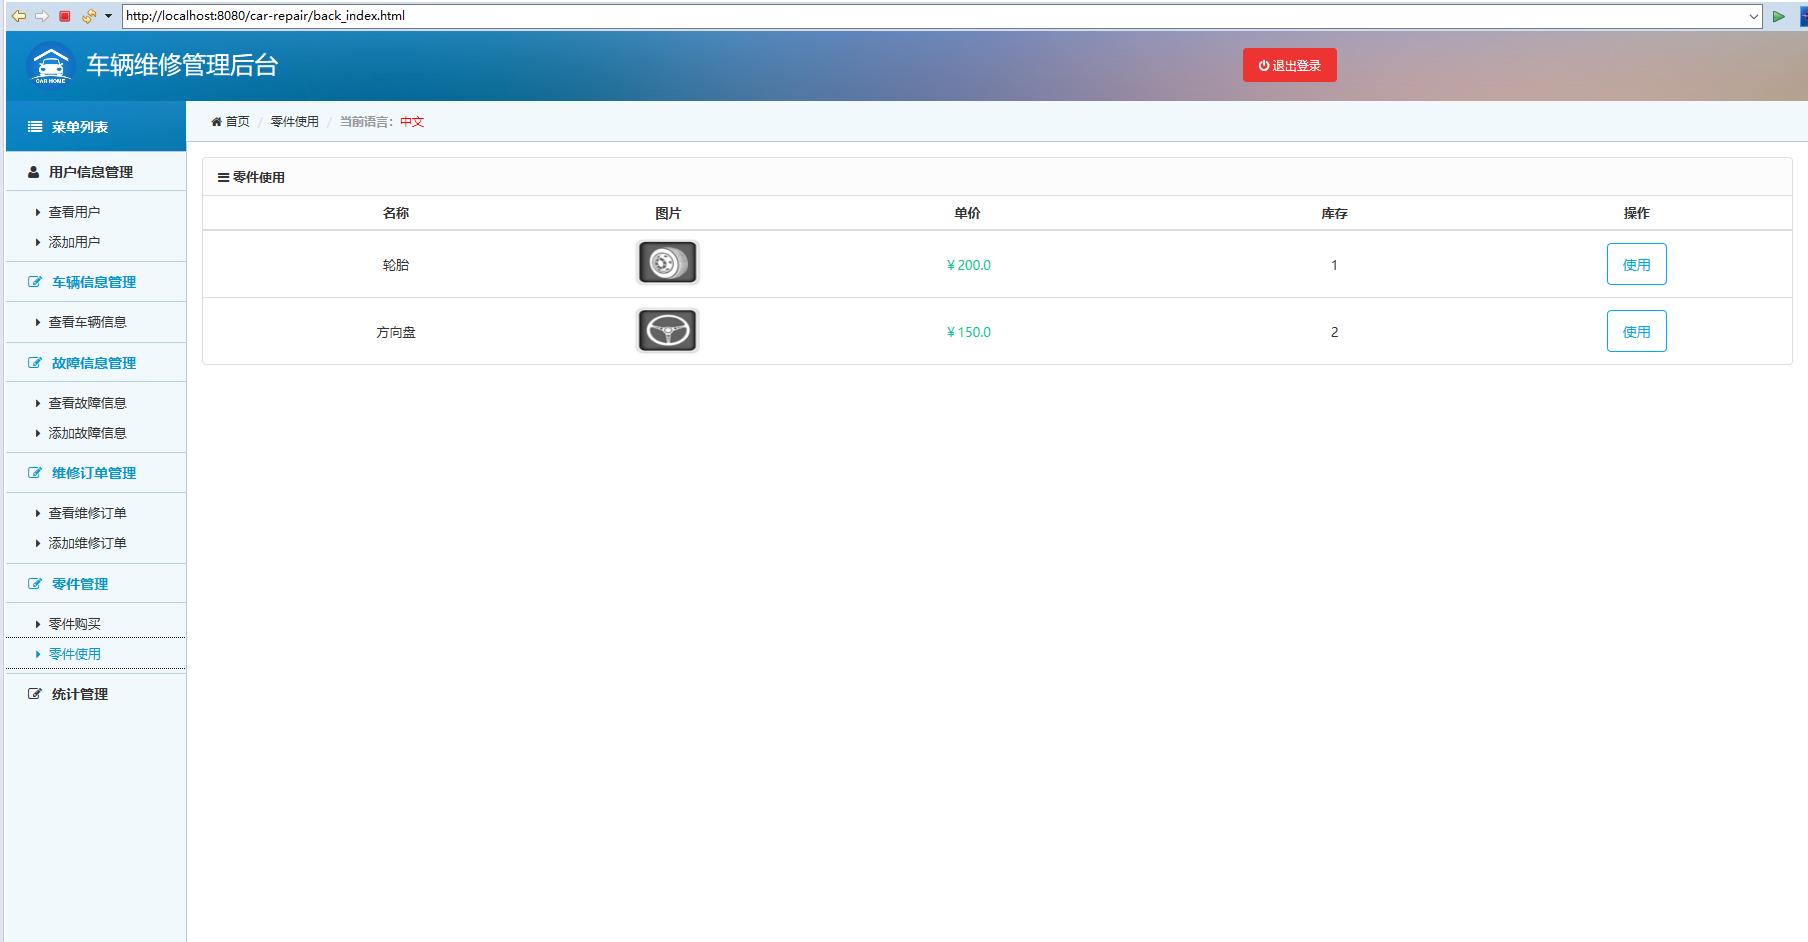 源码码头-SSM汽车维修中心管理系统-管理员角色-零件管理